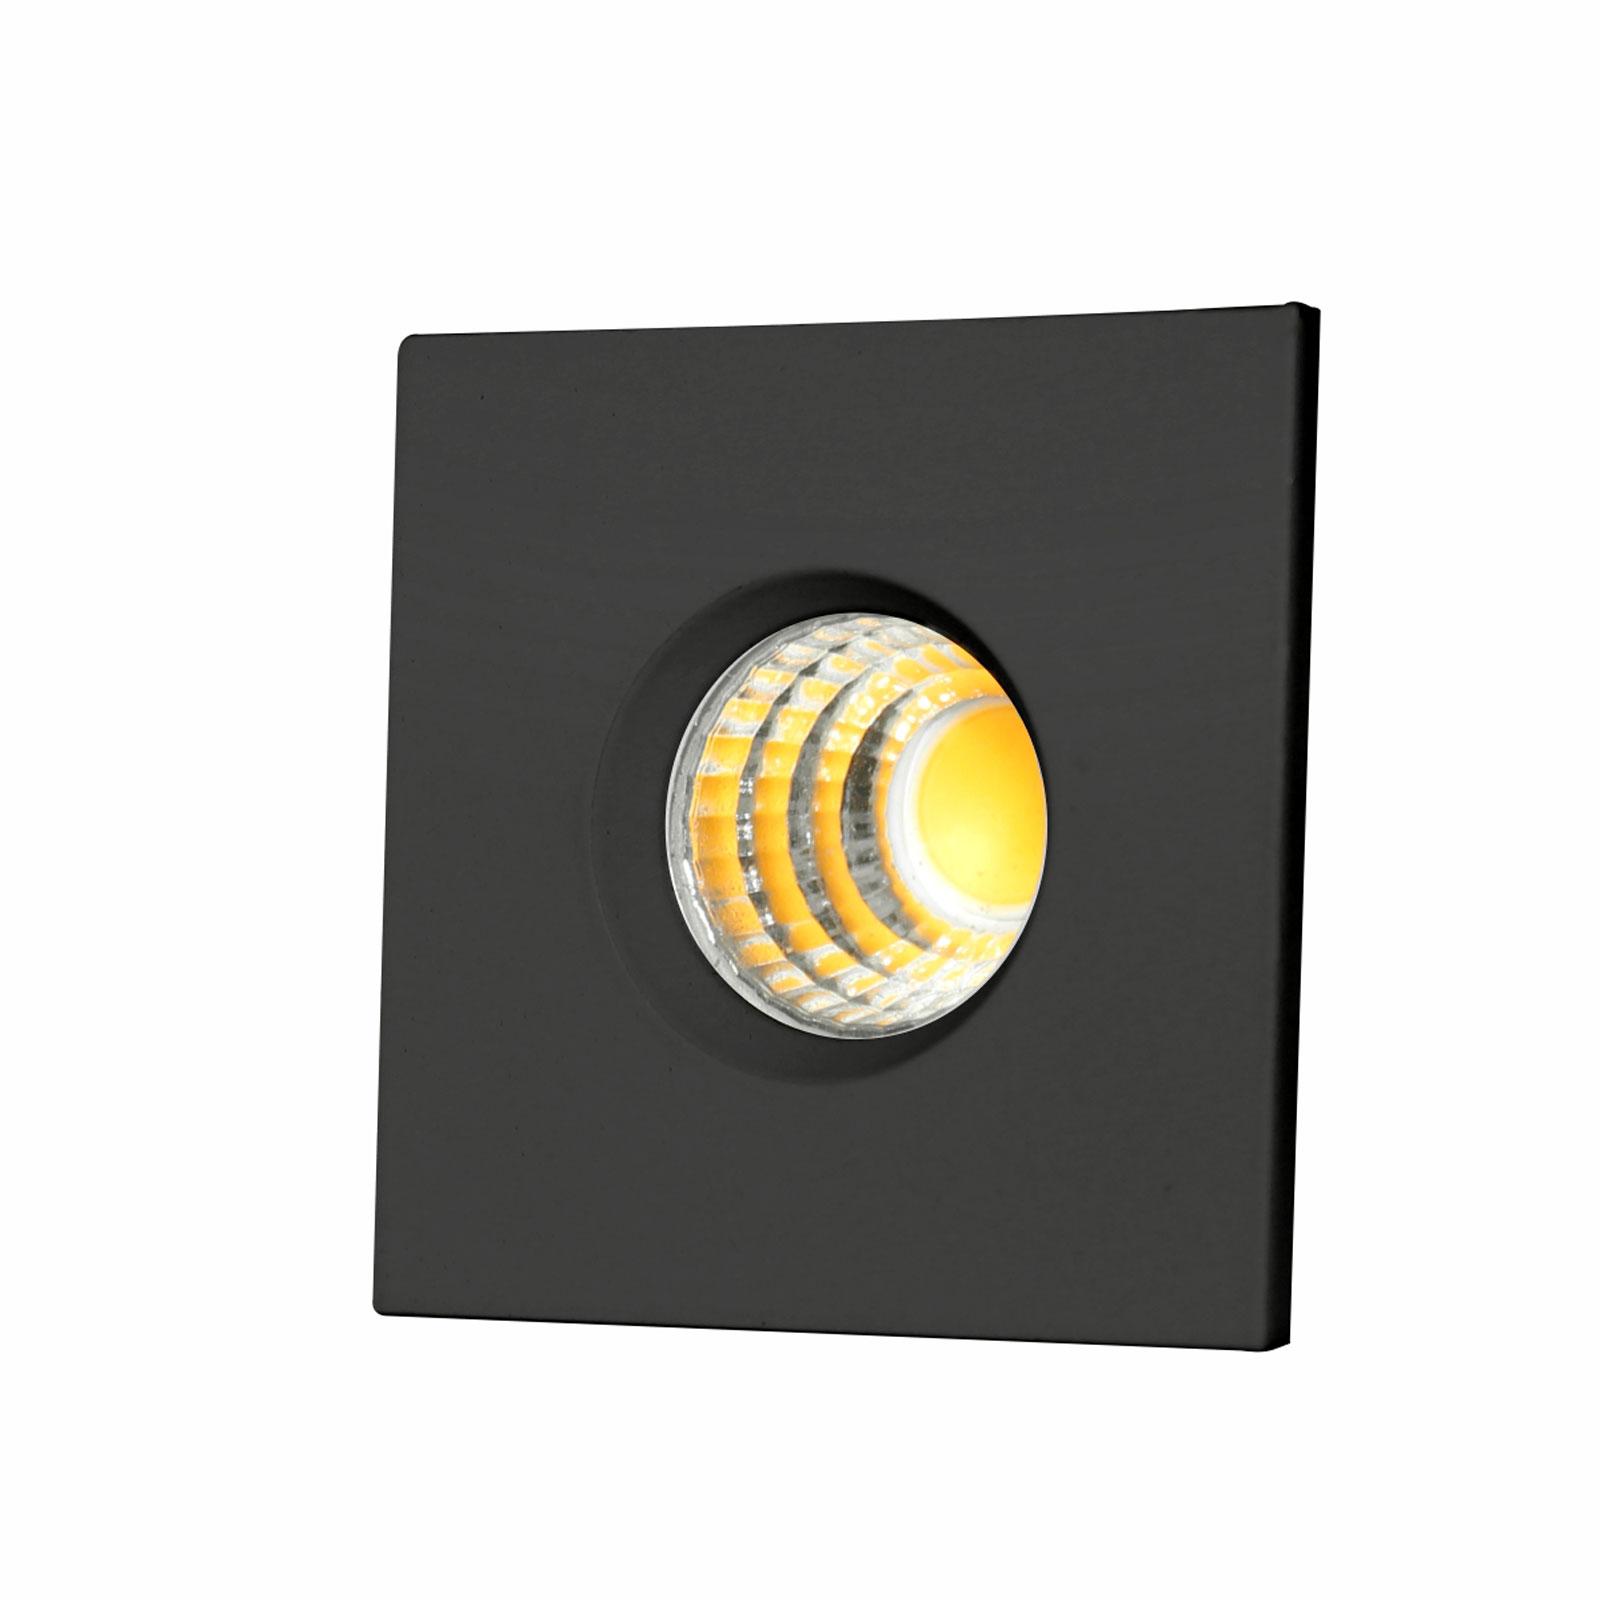 چراغ توکار مینی مربعی 3 وات فاین الکتریک مدل FEC-COB-08